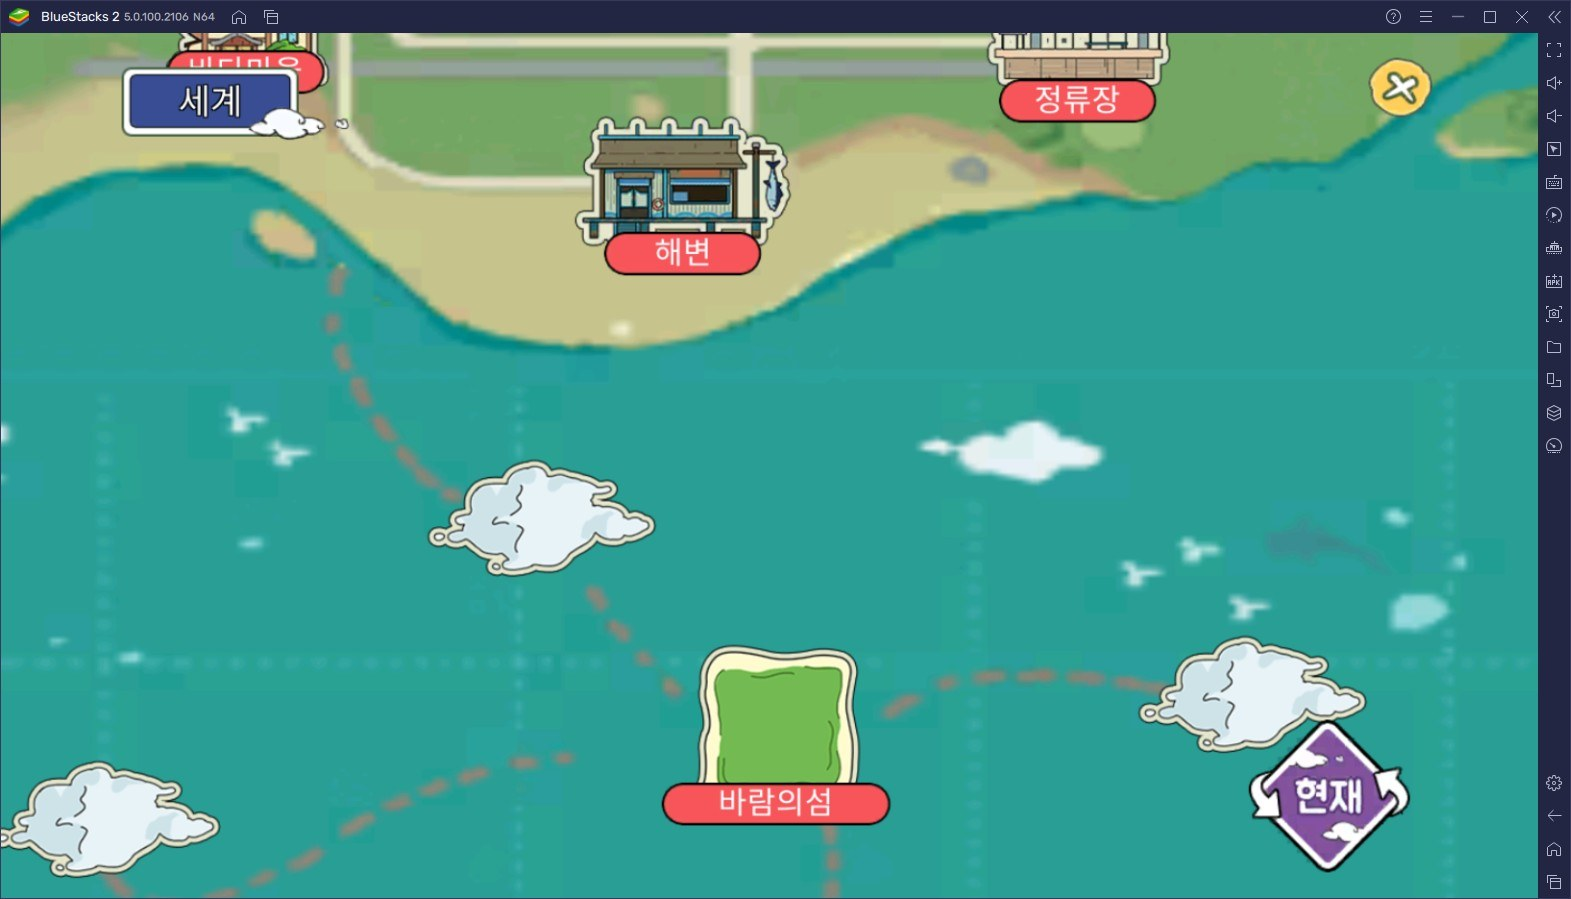 마이리틀포레스트 두 번째 이야기 바람의 섬 업데이트, 블루스택으로 지금 바로 새로운 보금자리를 꾸며보세요!